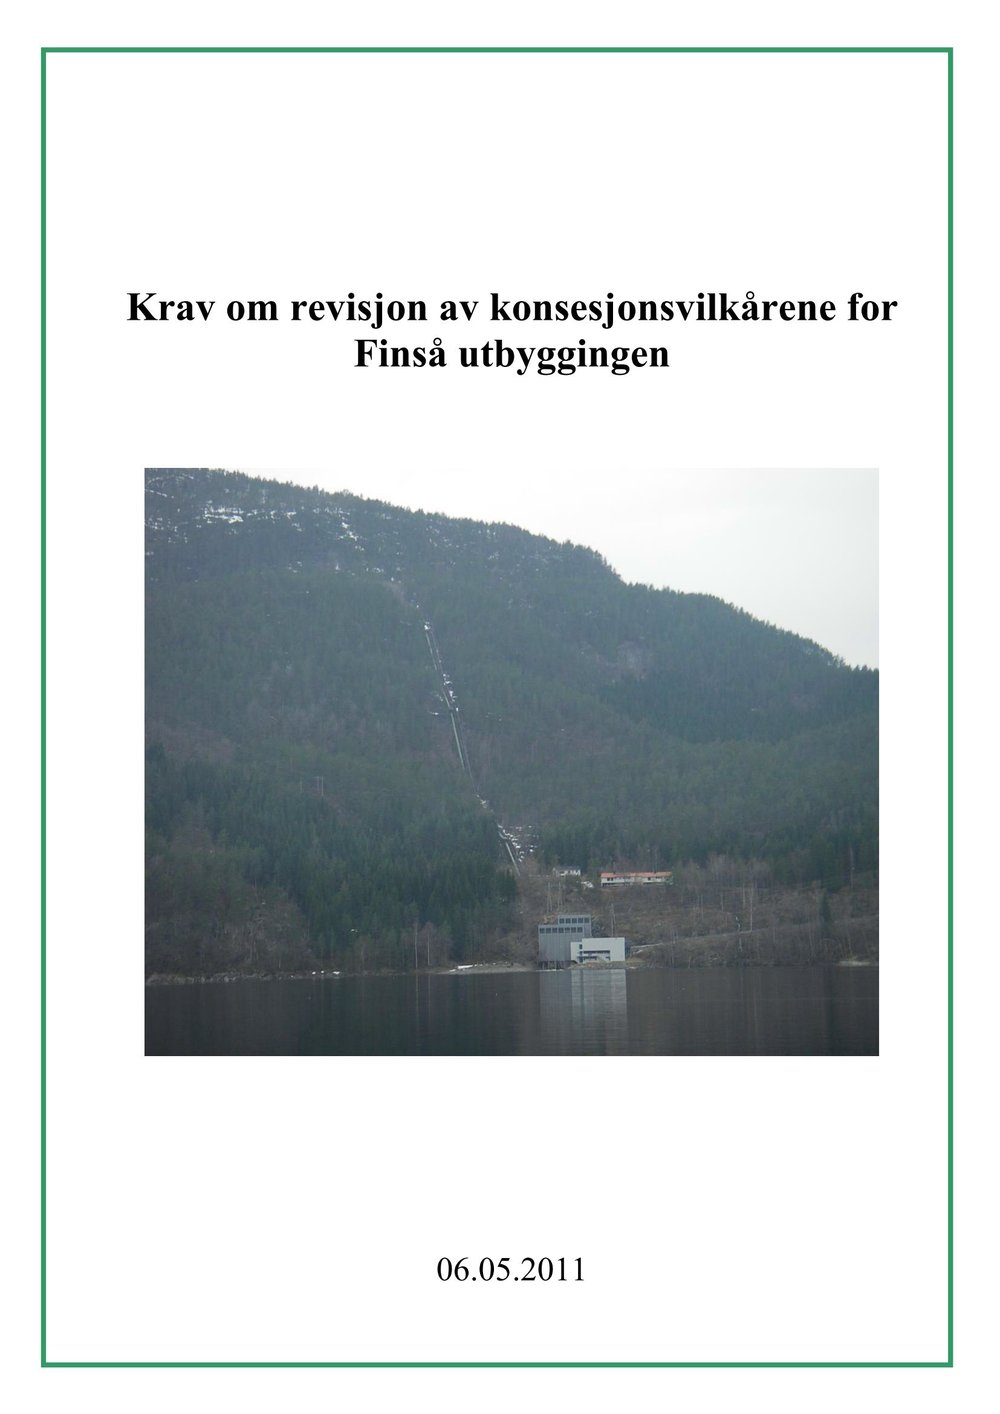 Revisjon av konsesjonsvilkårene for Finså utbyggingen